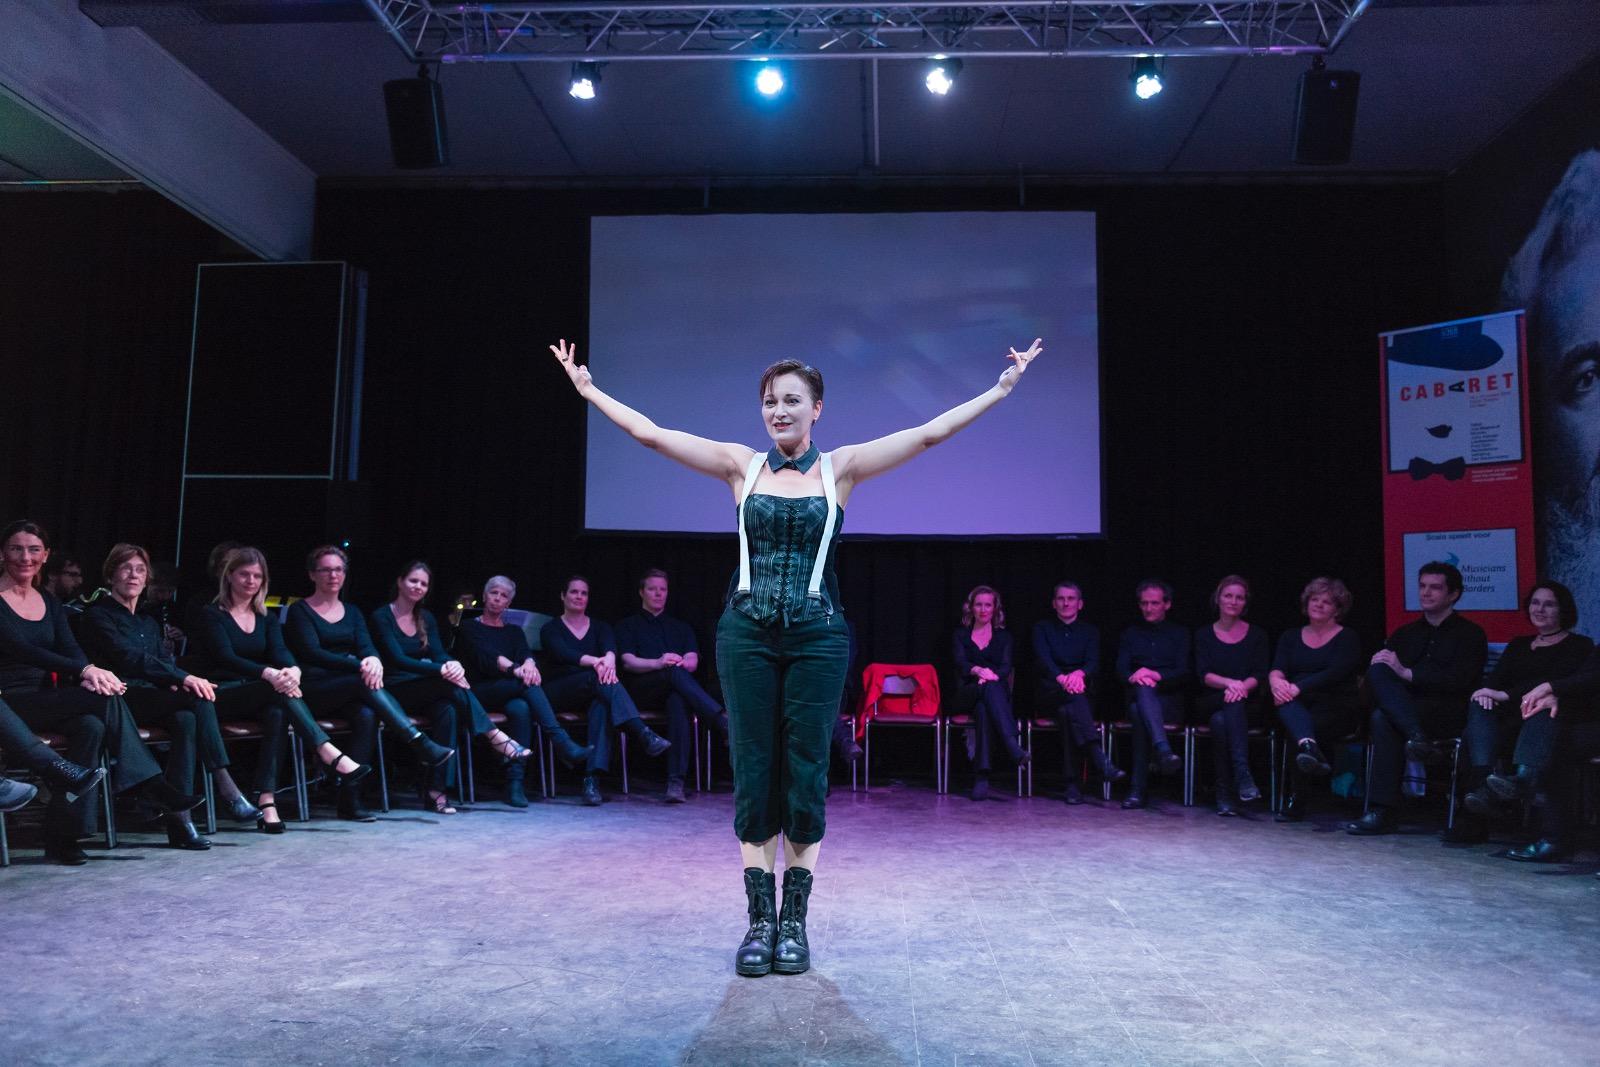 Scala speelt voor Musicians without Borders